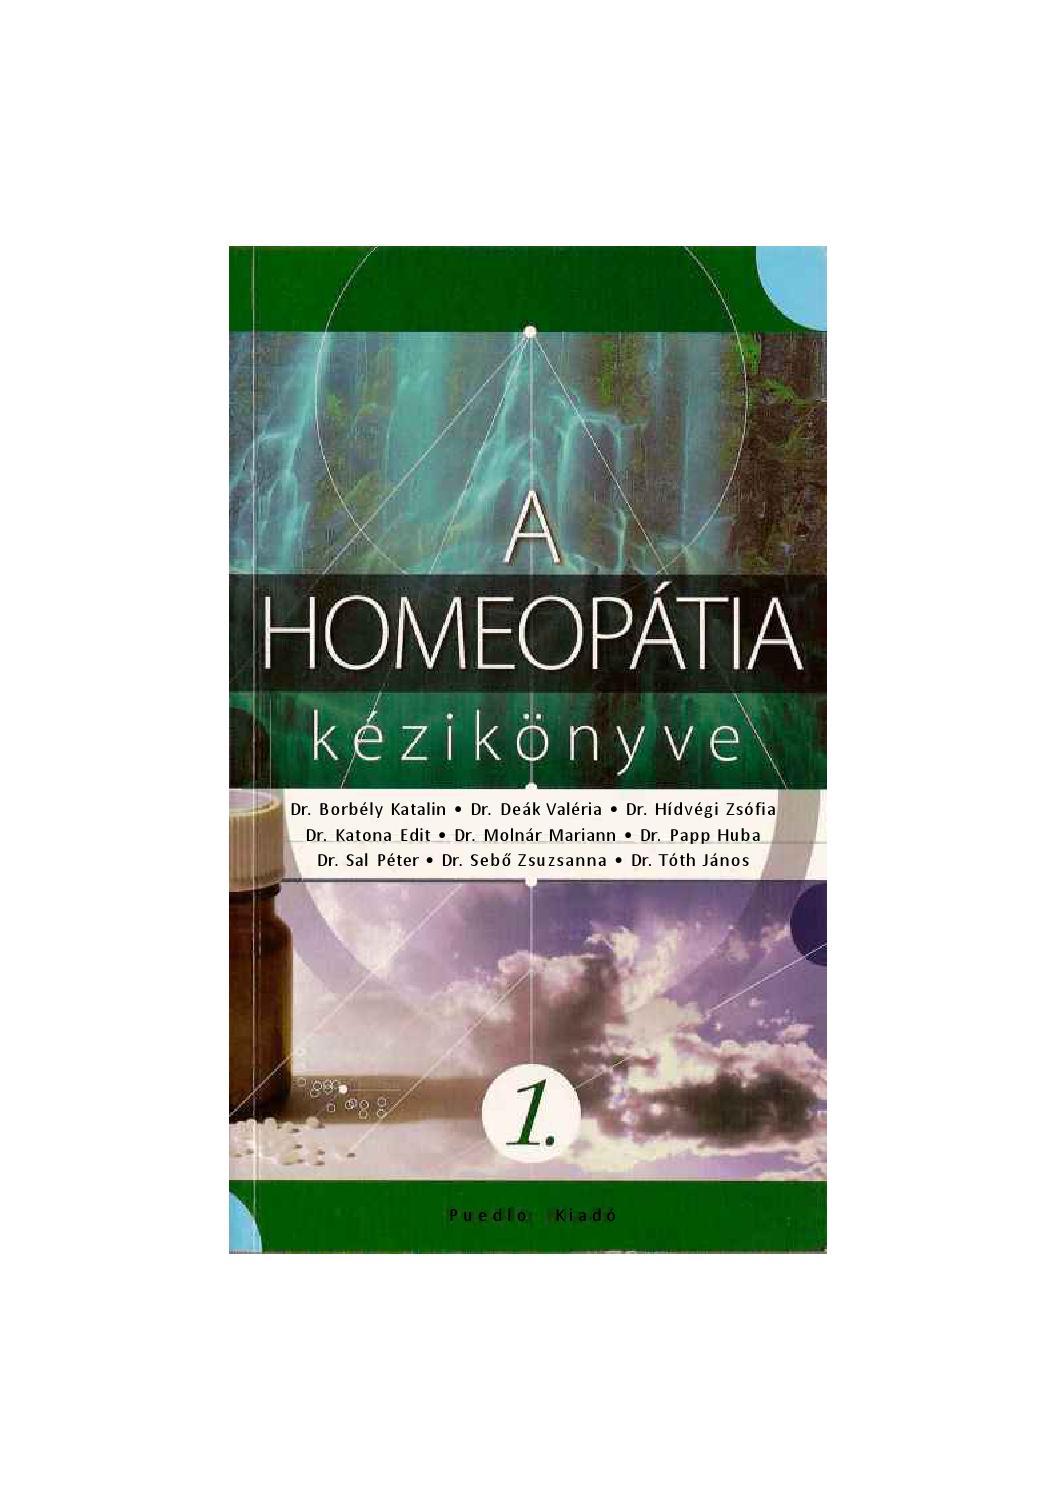 csípőfájdalom és homeopátia)